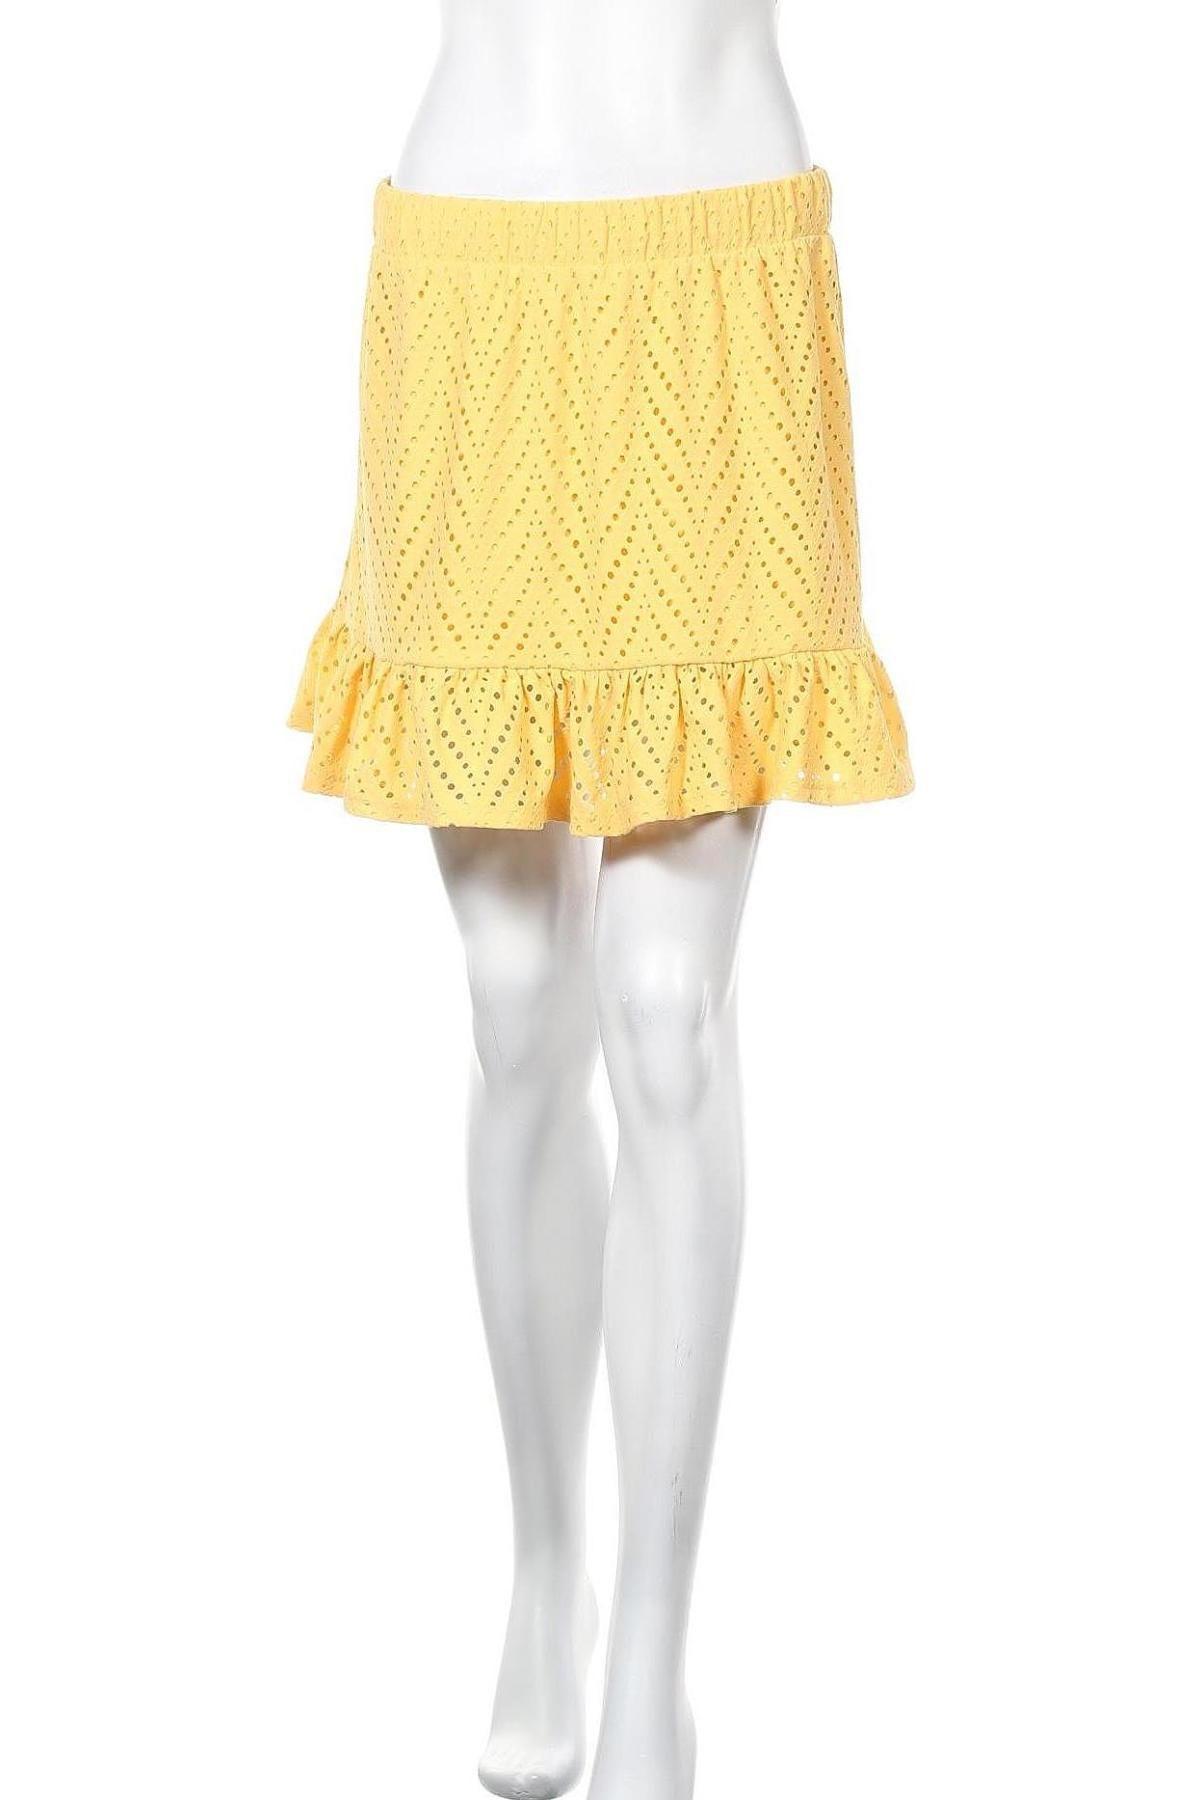 Φούστα Vero Moda, Μέγεθος M, Χρώμα Κίτρινο, 95% πολυεστέρας, 5% ελαστάνη, Τιμή 20,10€